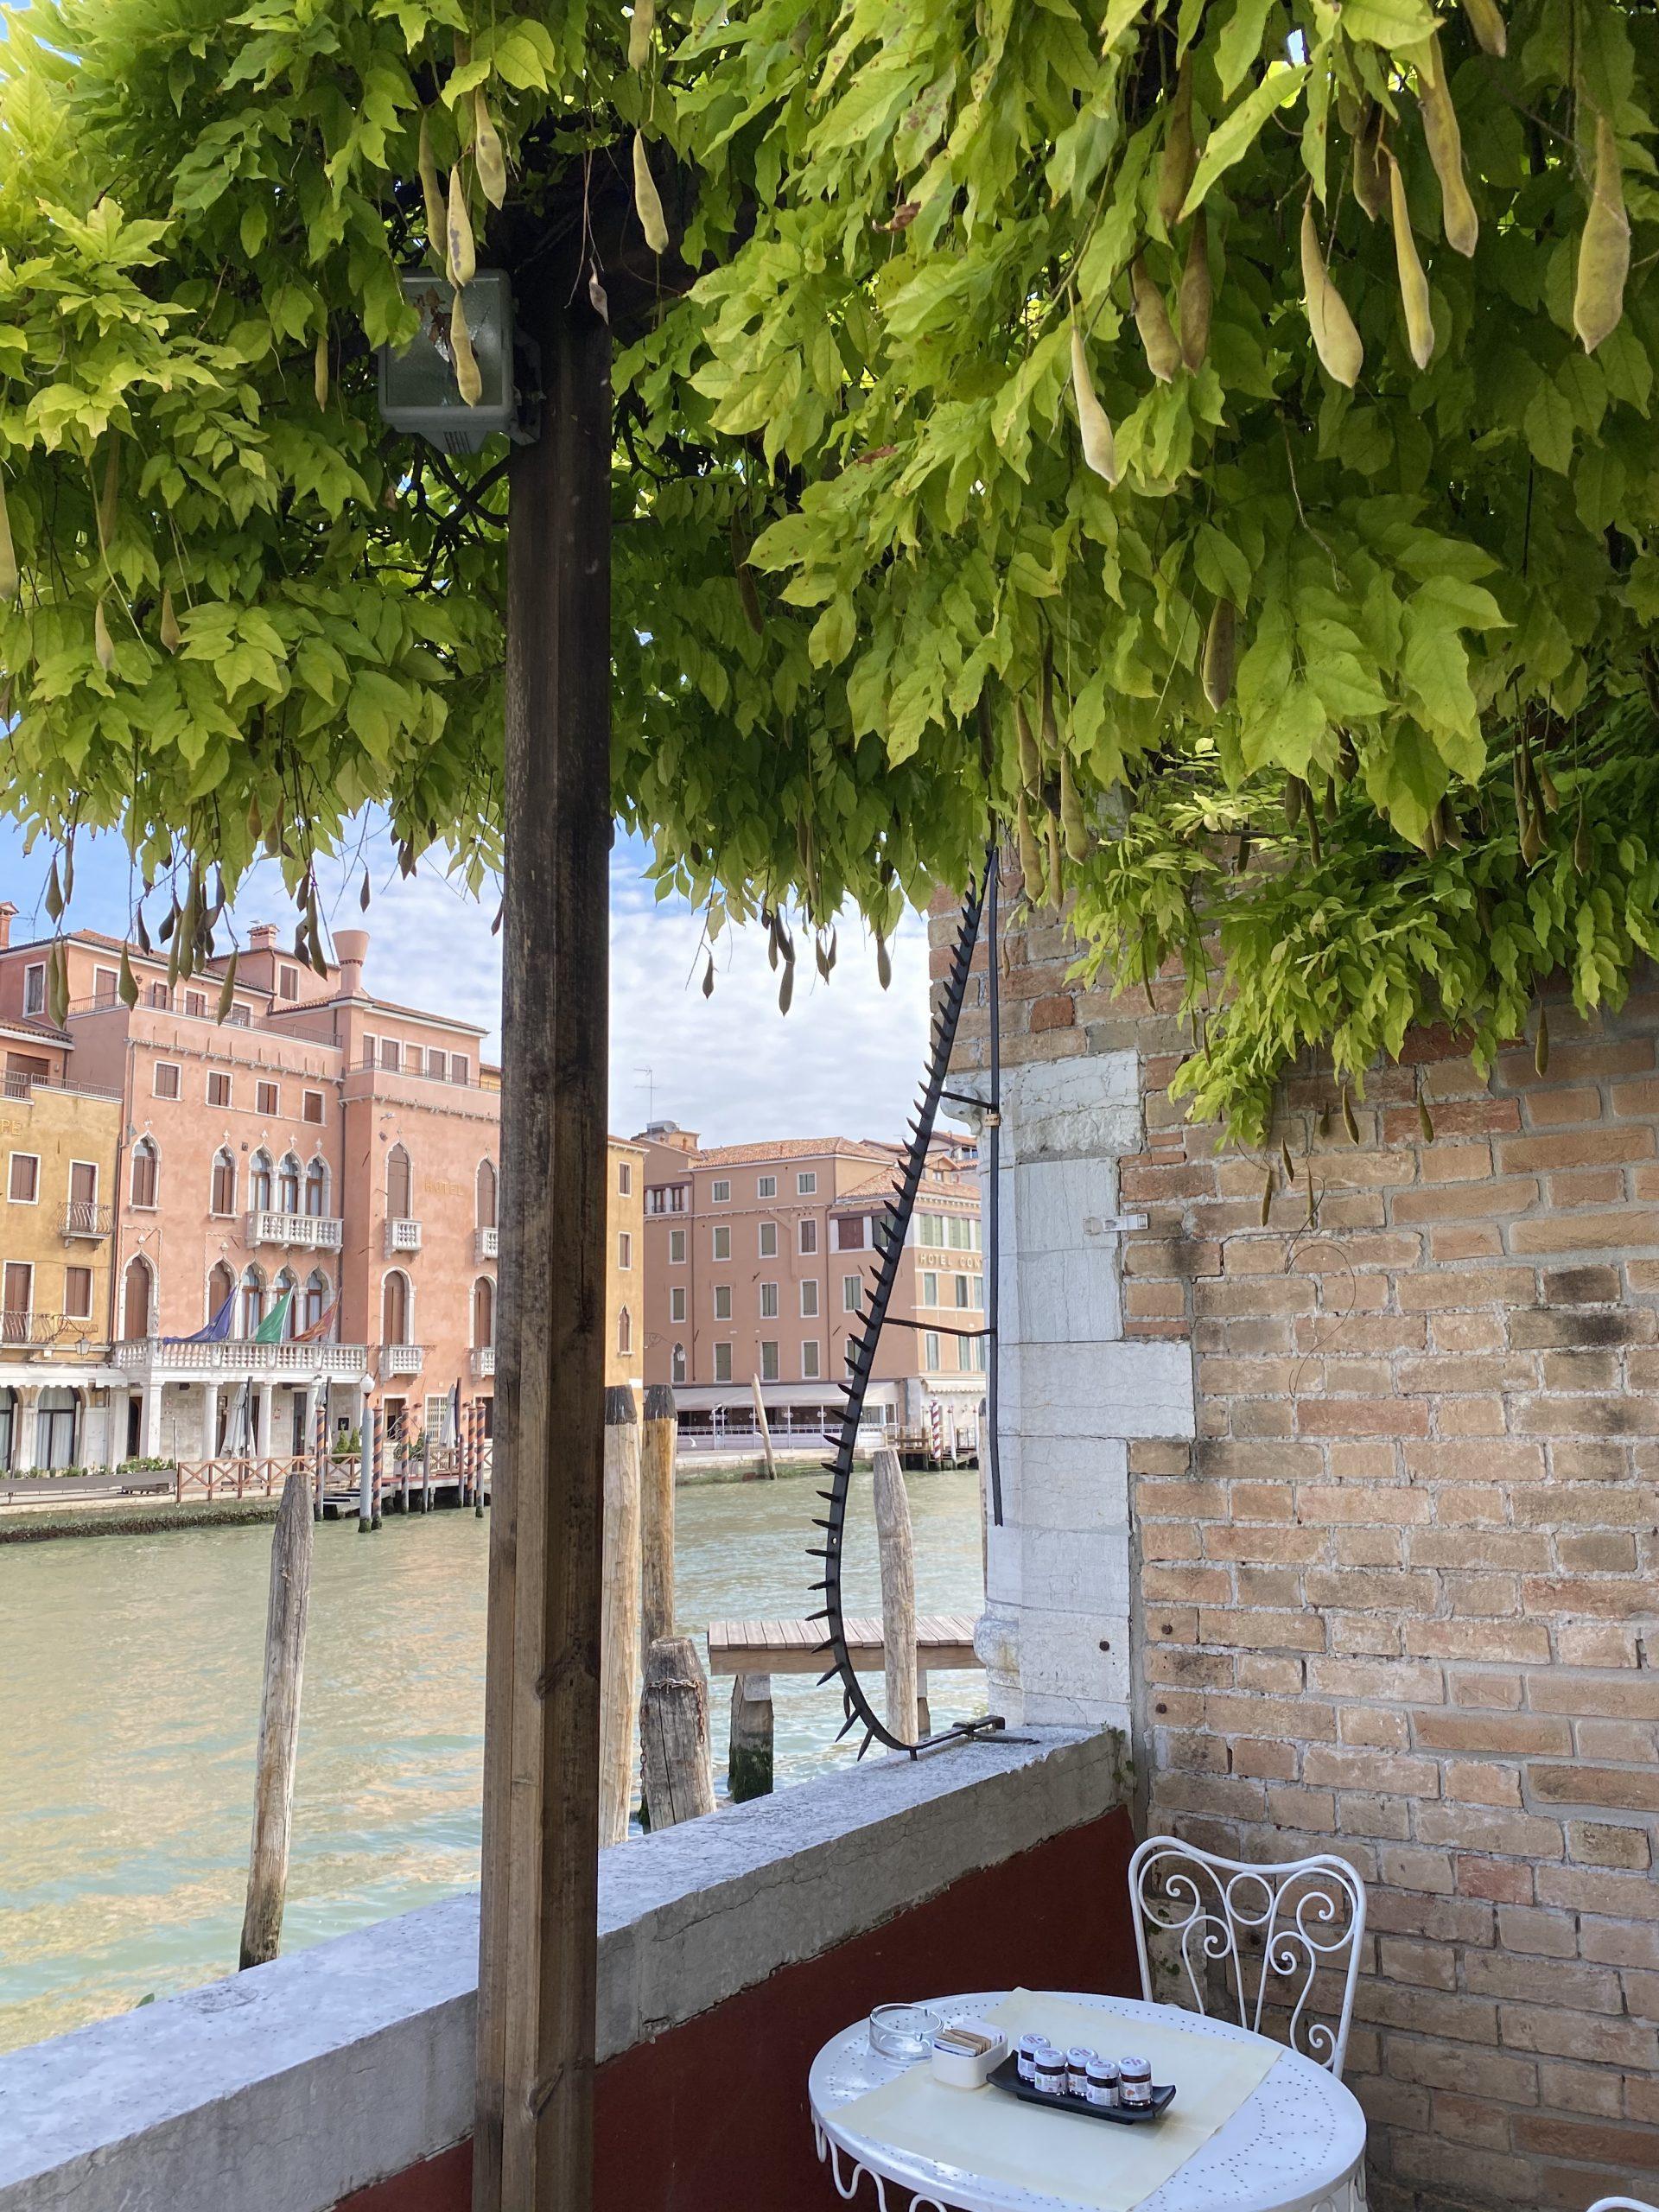 giardini 2 scaled - Primavera a Venezia - visita ai giardini DATA DA RIPROGRAMMARE A MAGGIO